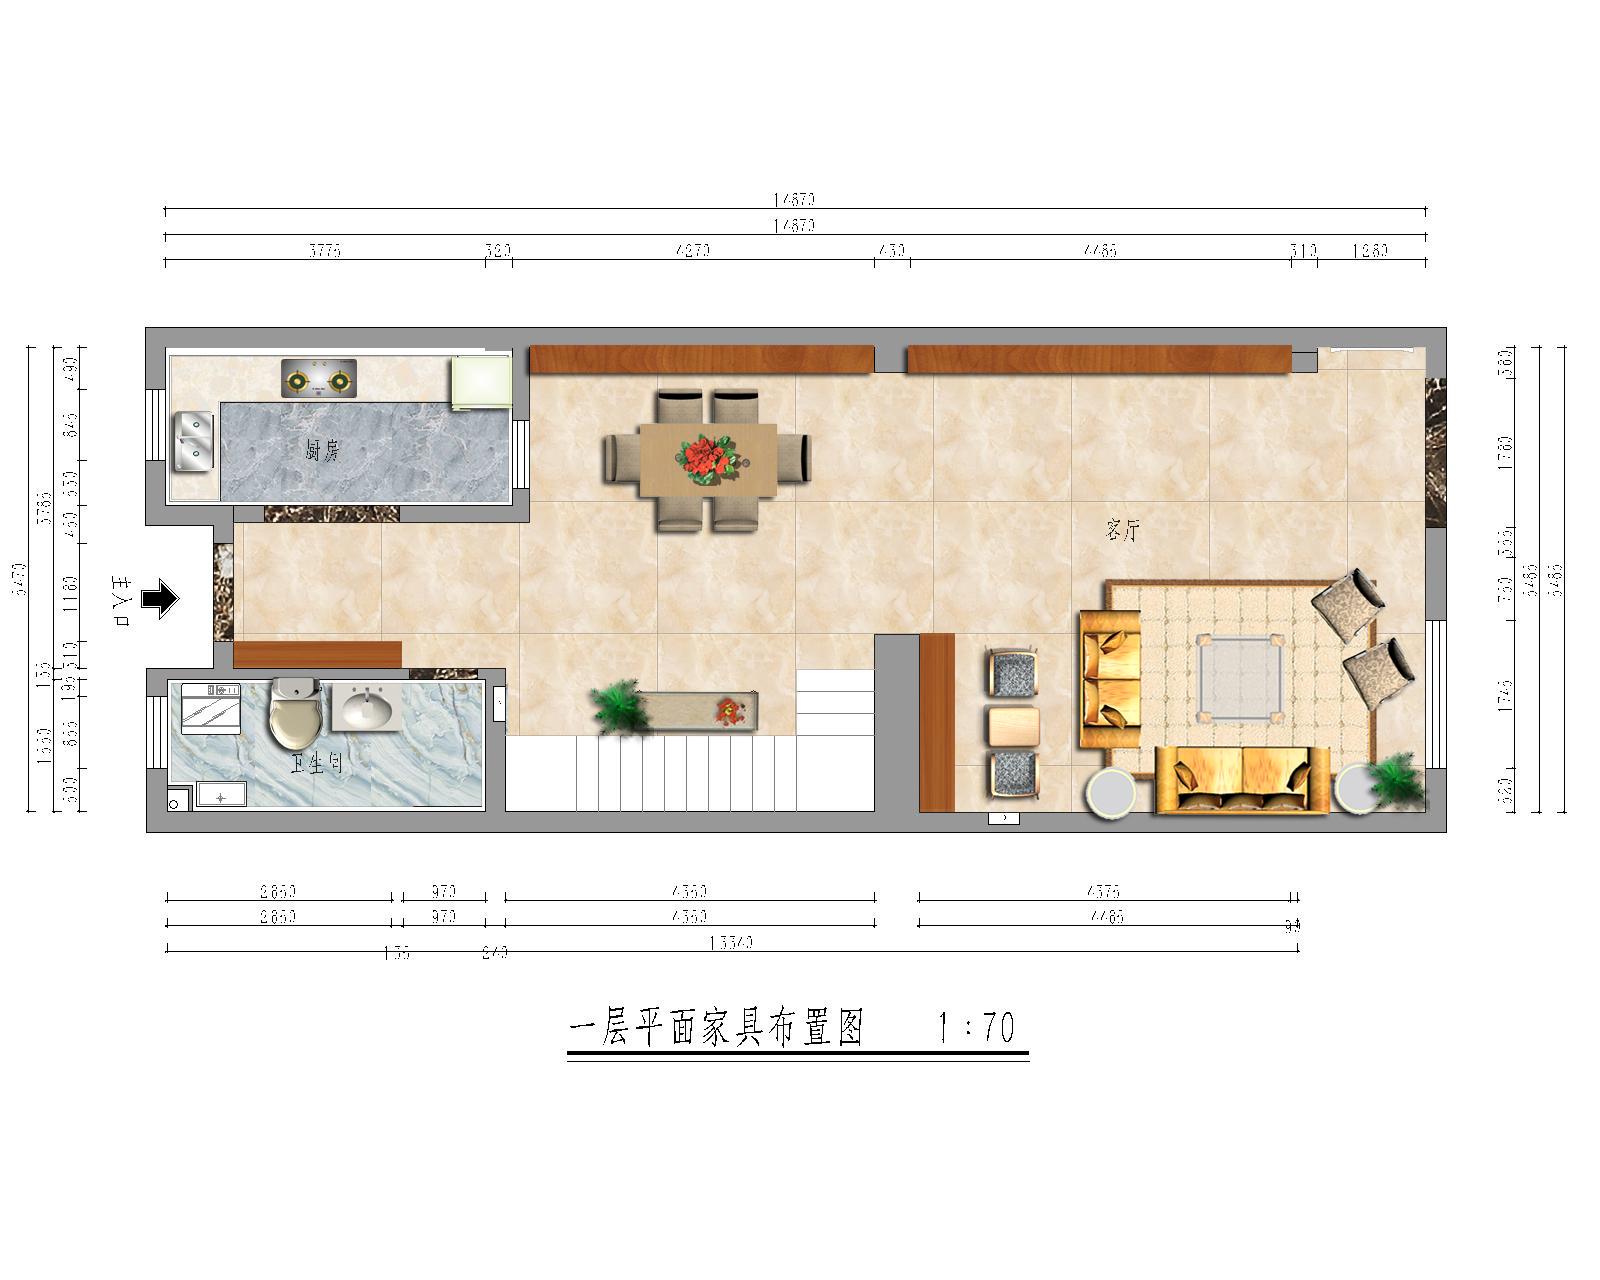 大溪谷 新中式风格 260㎡装修设计理念